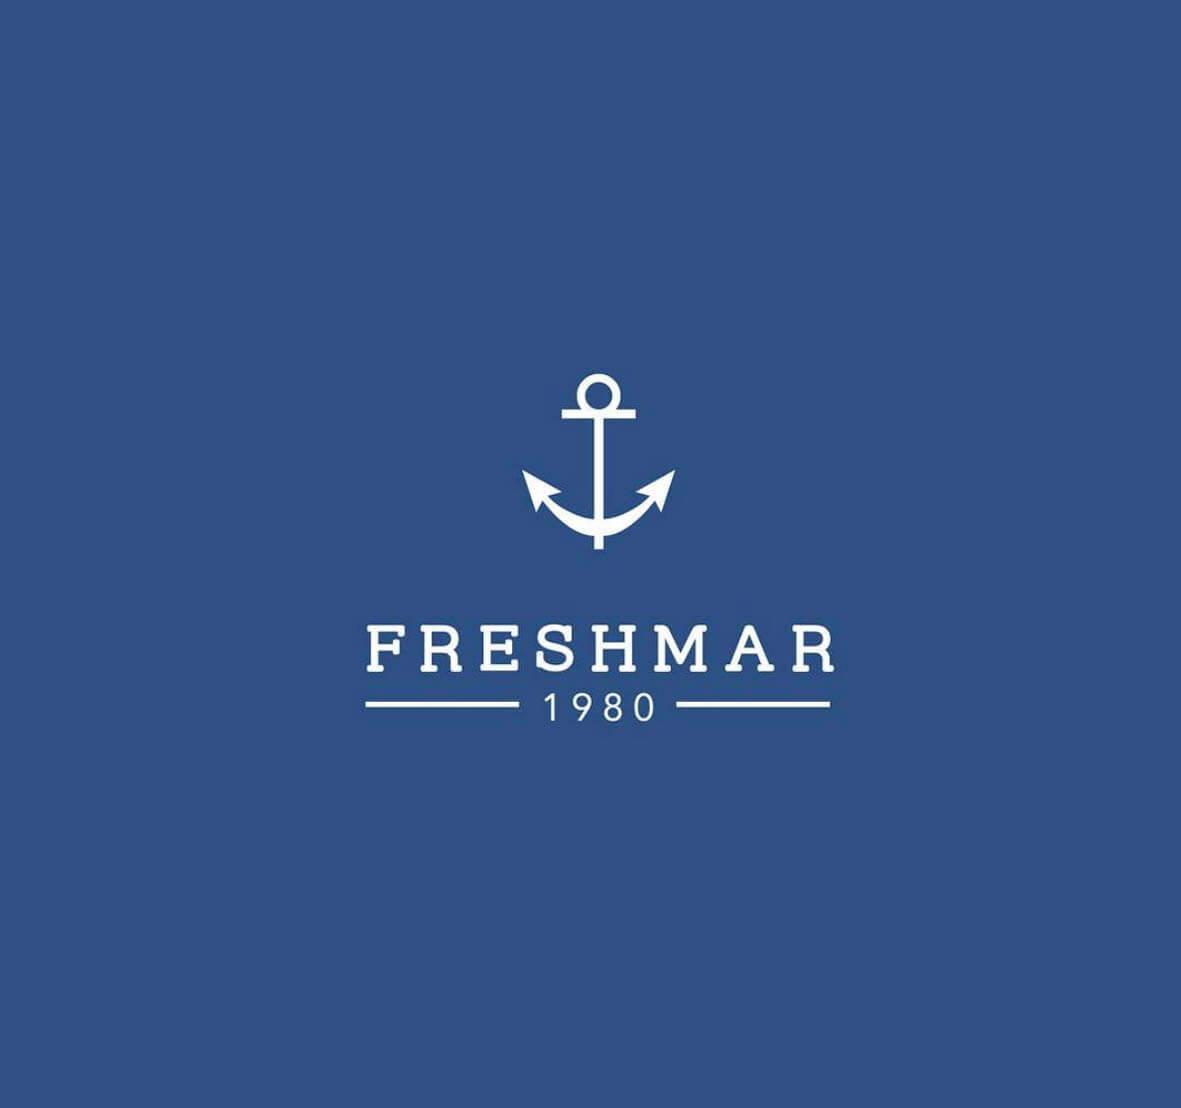 logo design company online logo design services www.strategybeam.com